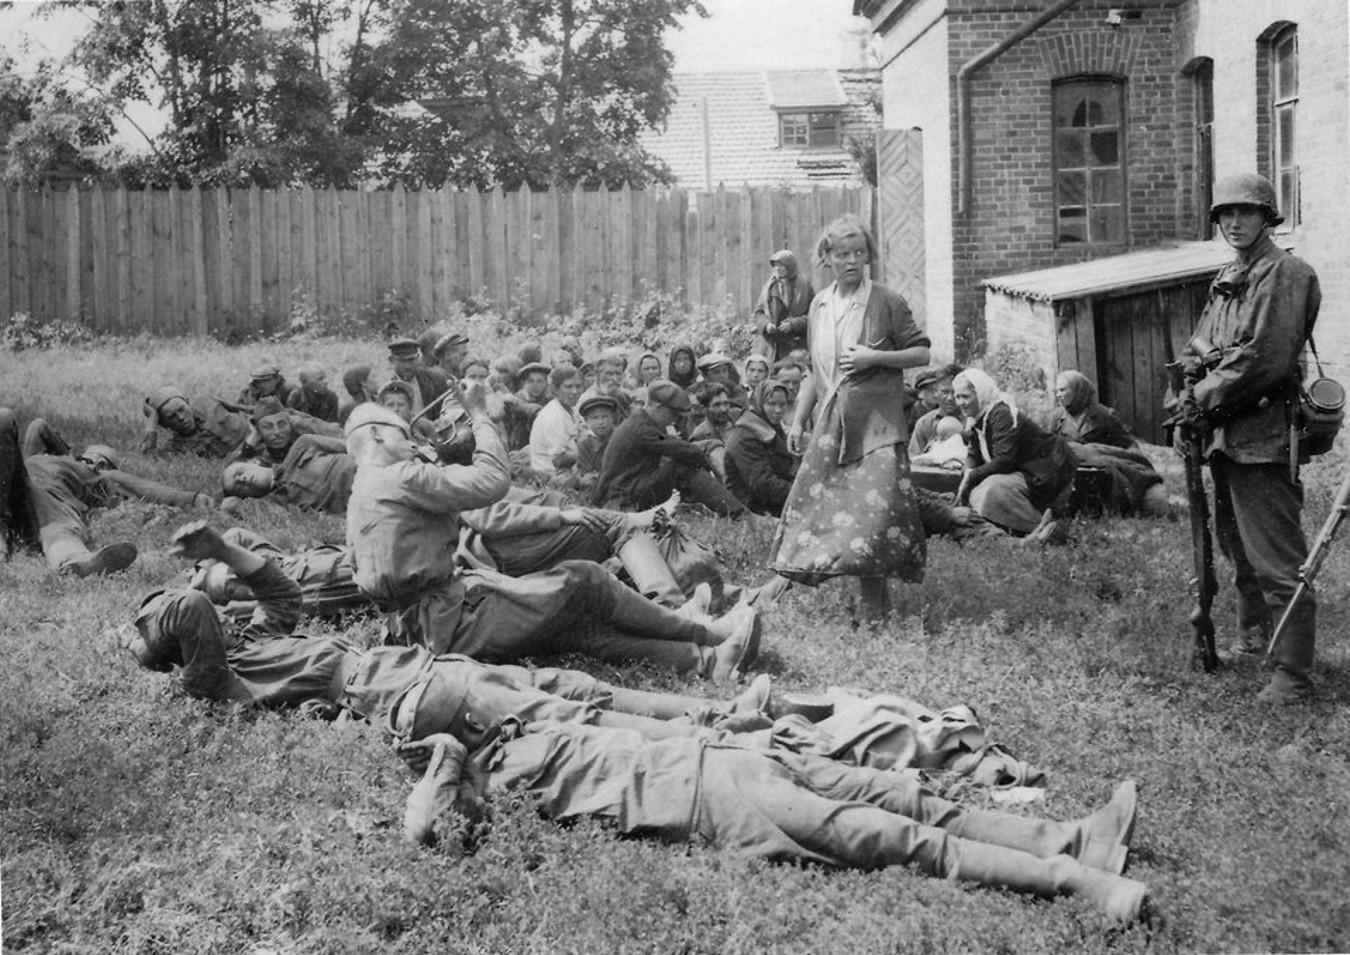 1941. Согнанная группа местных жителей и пленные красноармейцы, под конвоем солдат СС в ожидании селекции